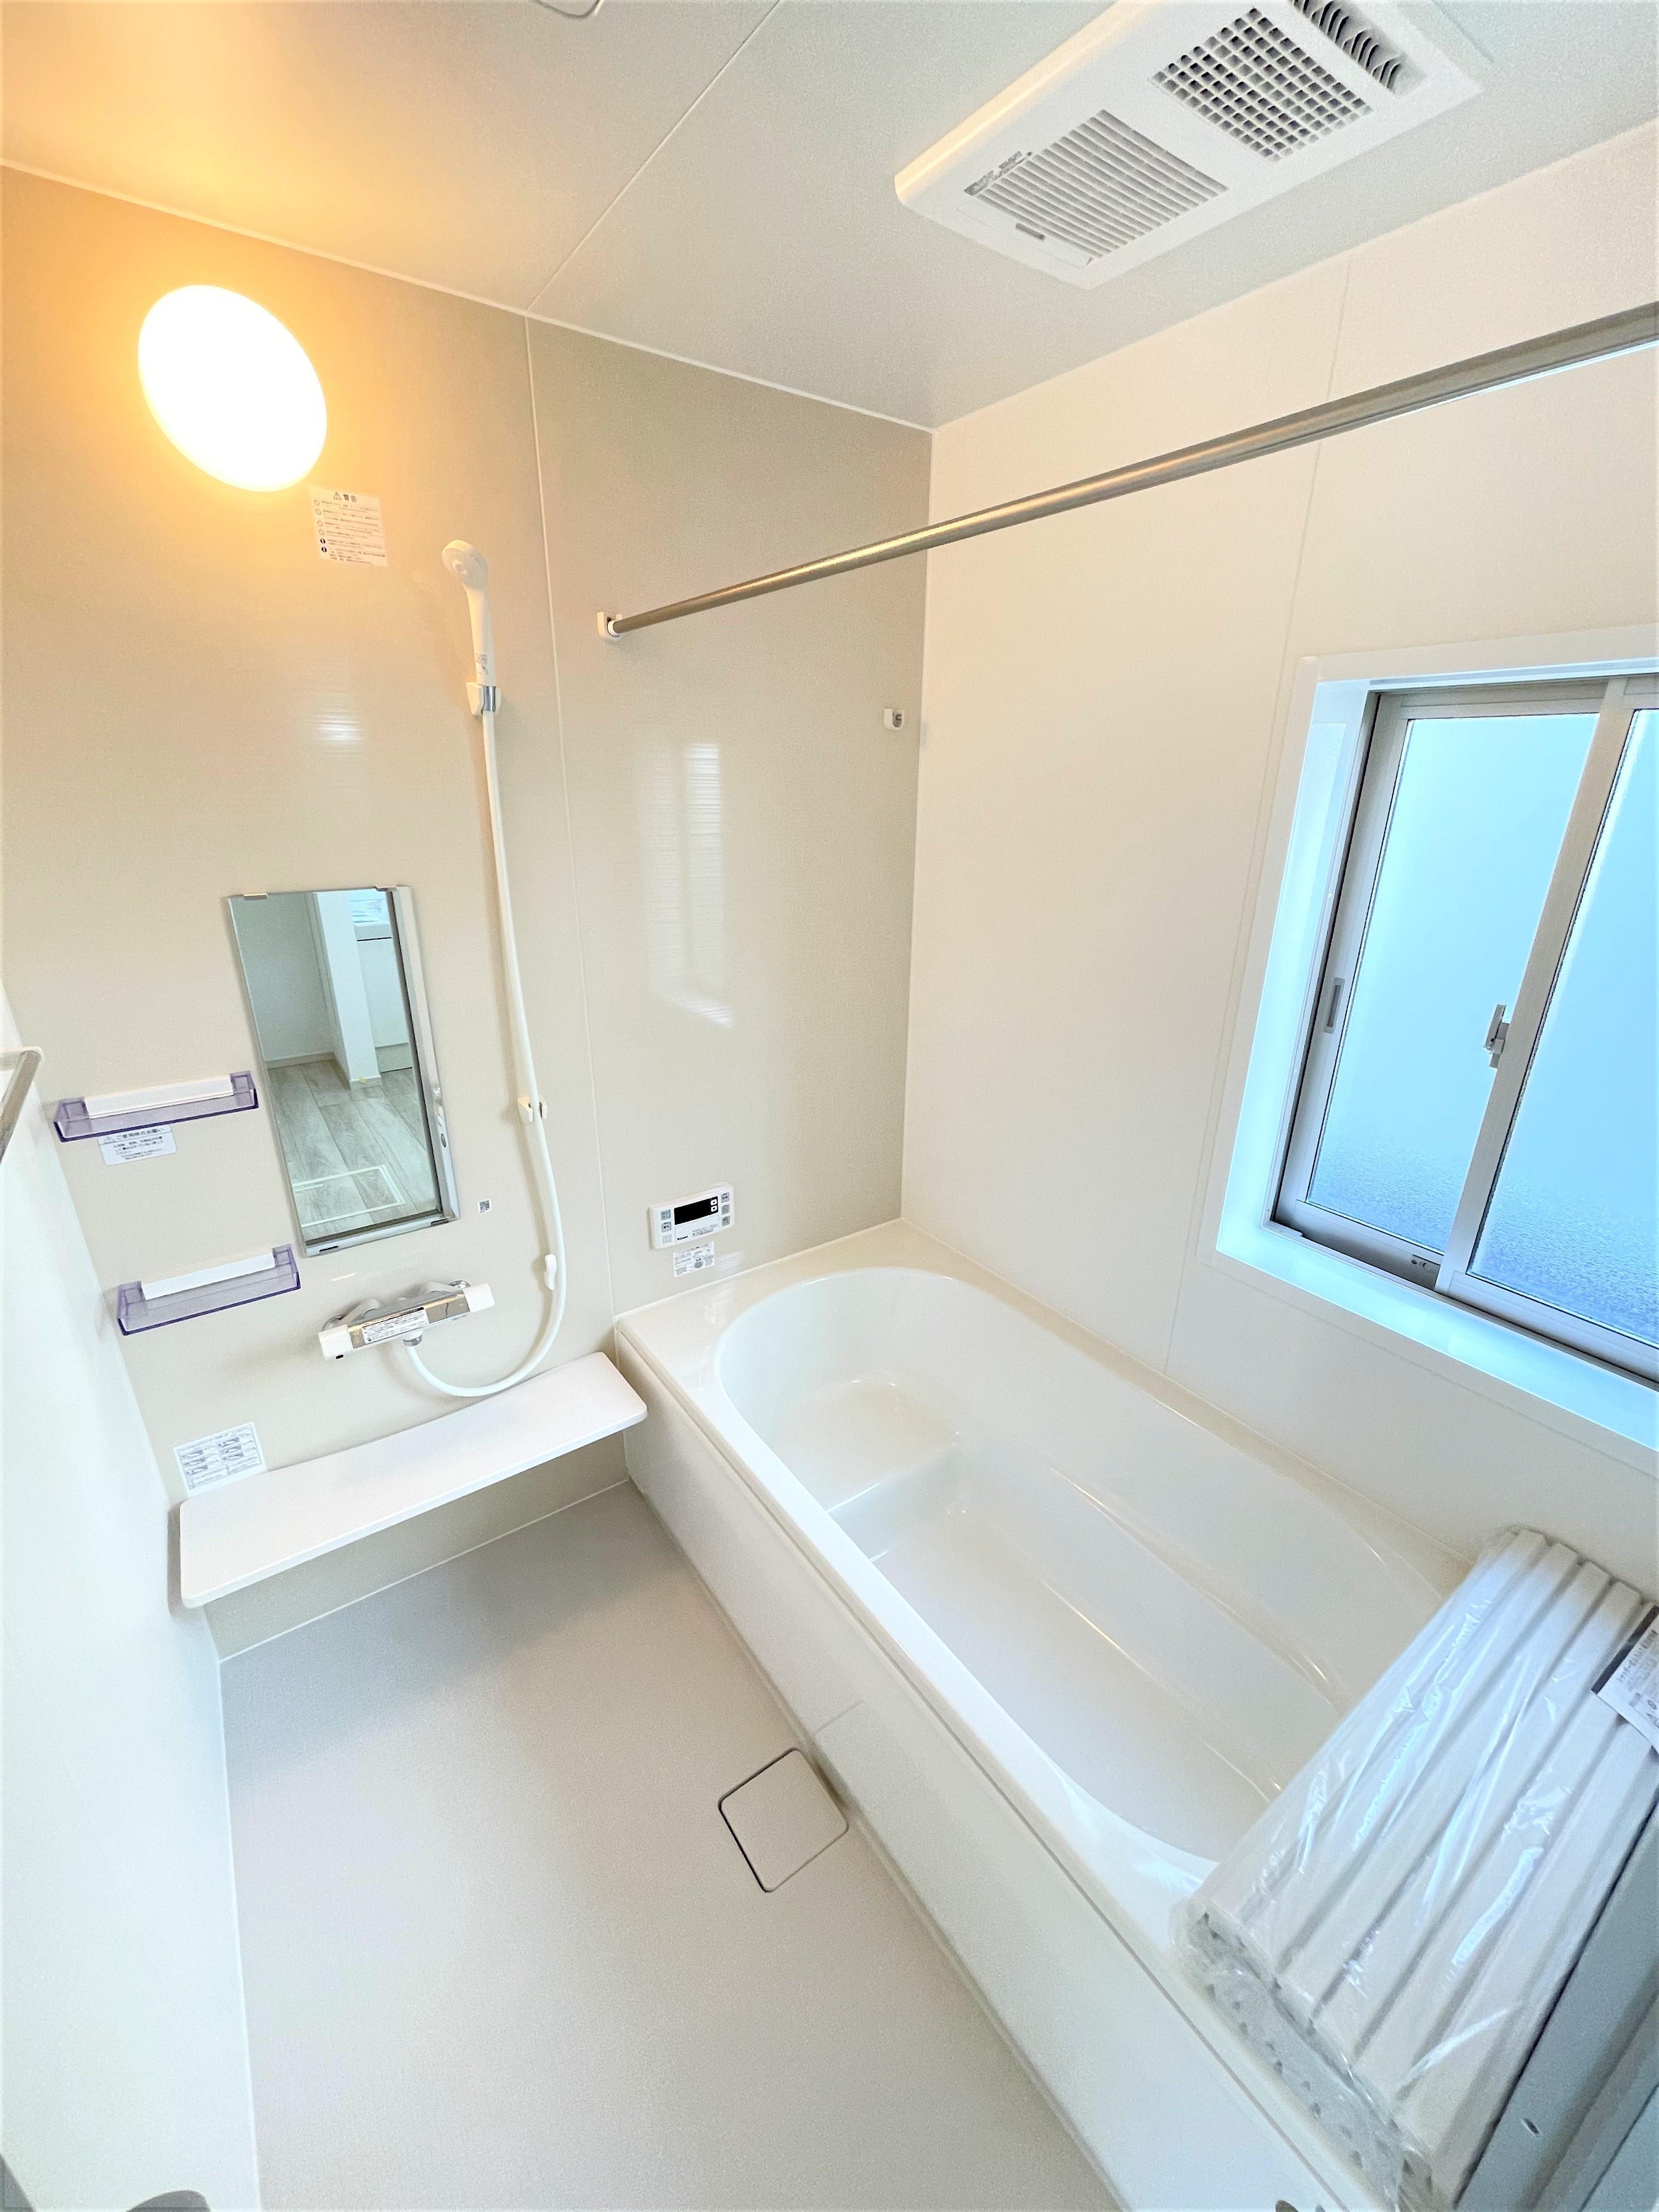 お子様や年配の方にも負担のかからないデザインのエコベンチ浴槽と浴室暖房換気乾燥機付きです。毎日の疲れを洗い流すバスルームは心地よいリラクゼーション空間です。